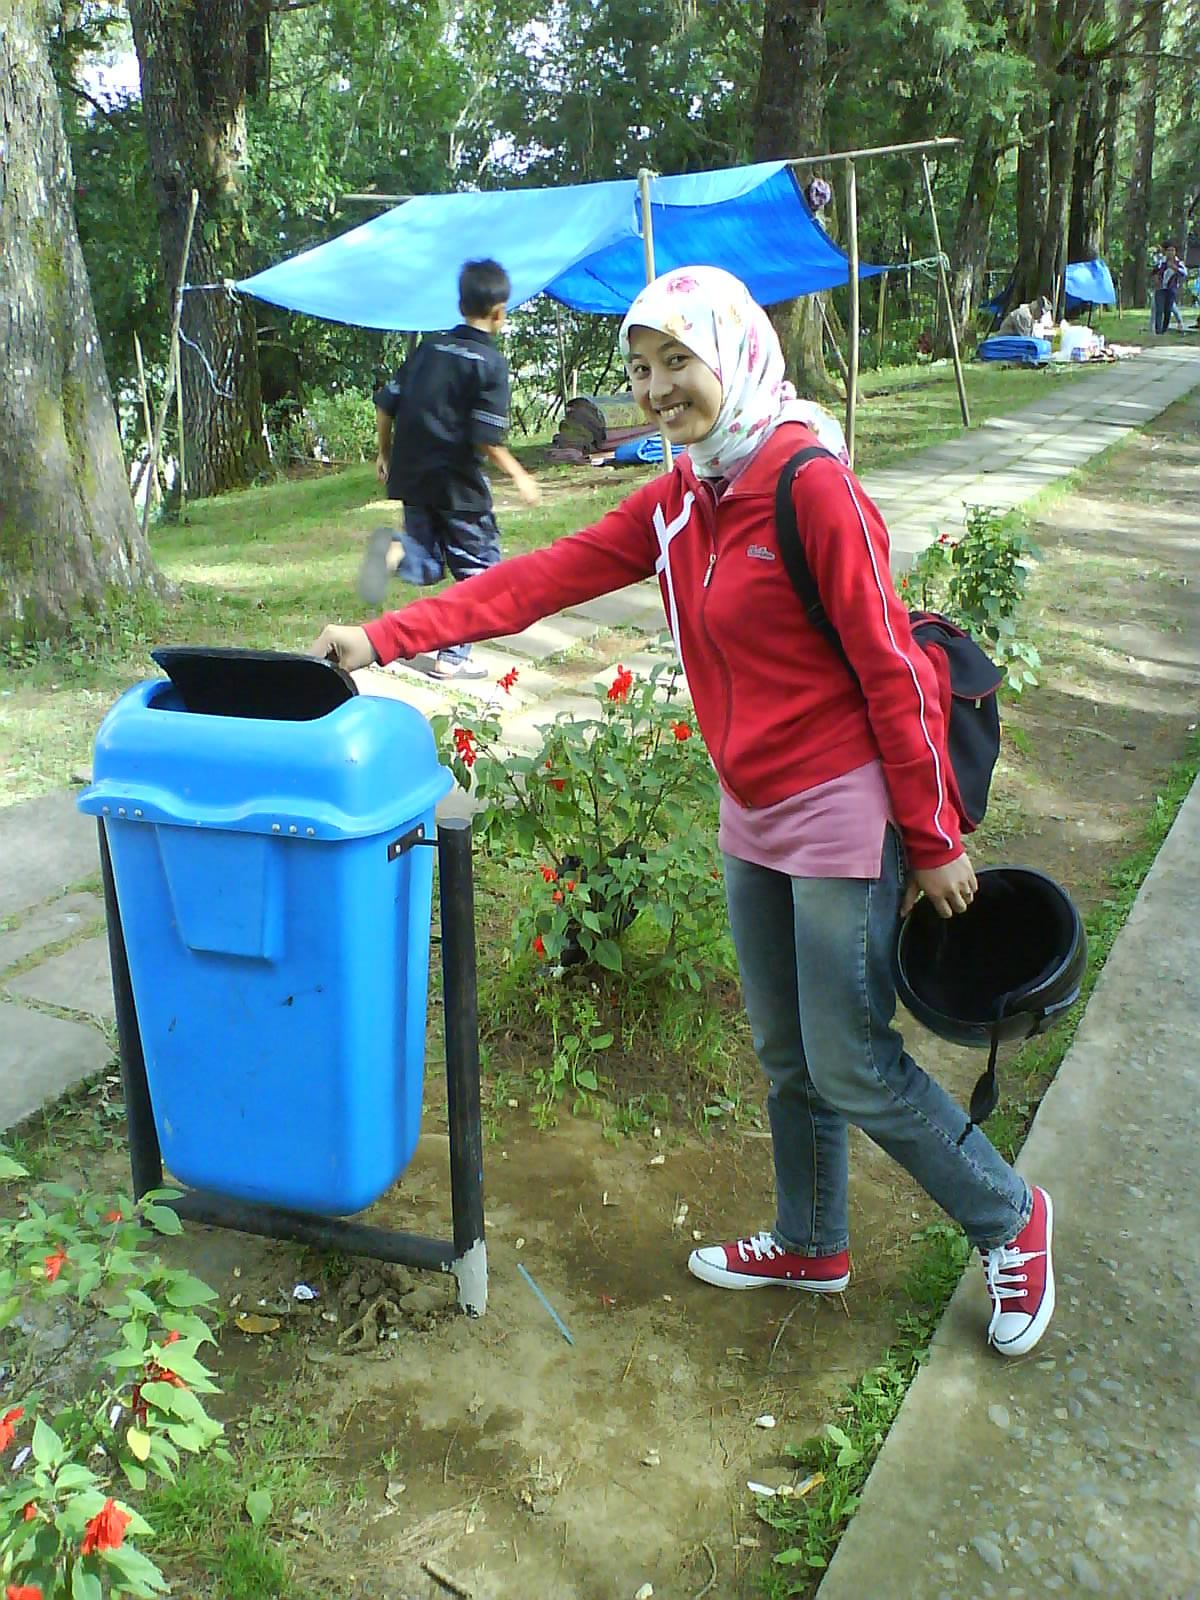 Langkah Kecil Chici: Susahnya Buang Sampah Pada Tempatnya